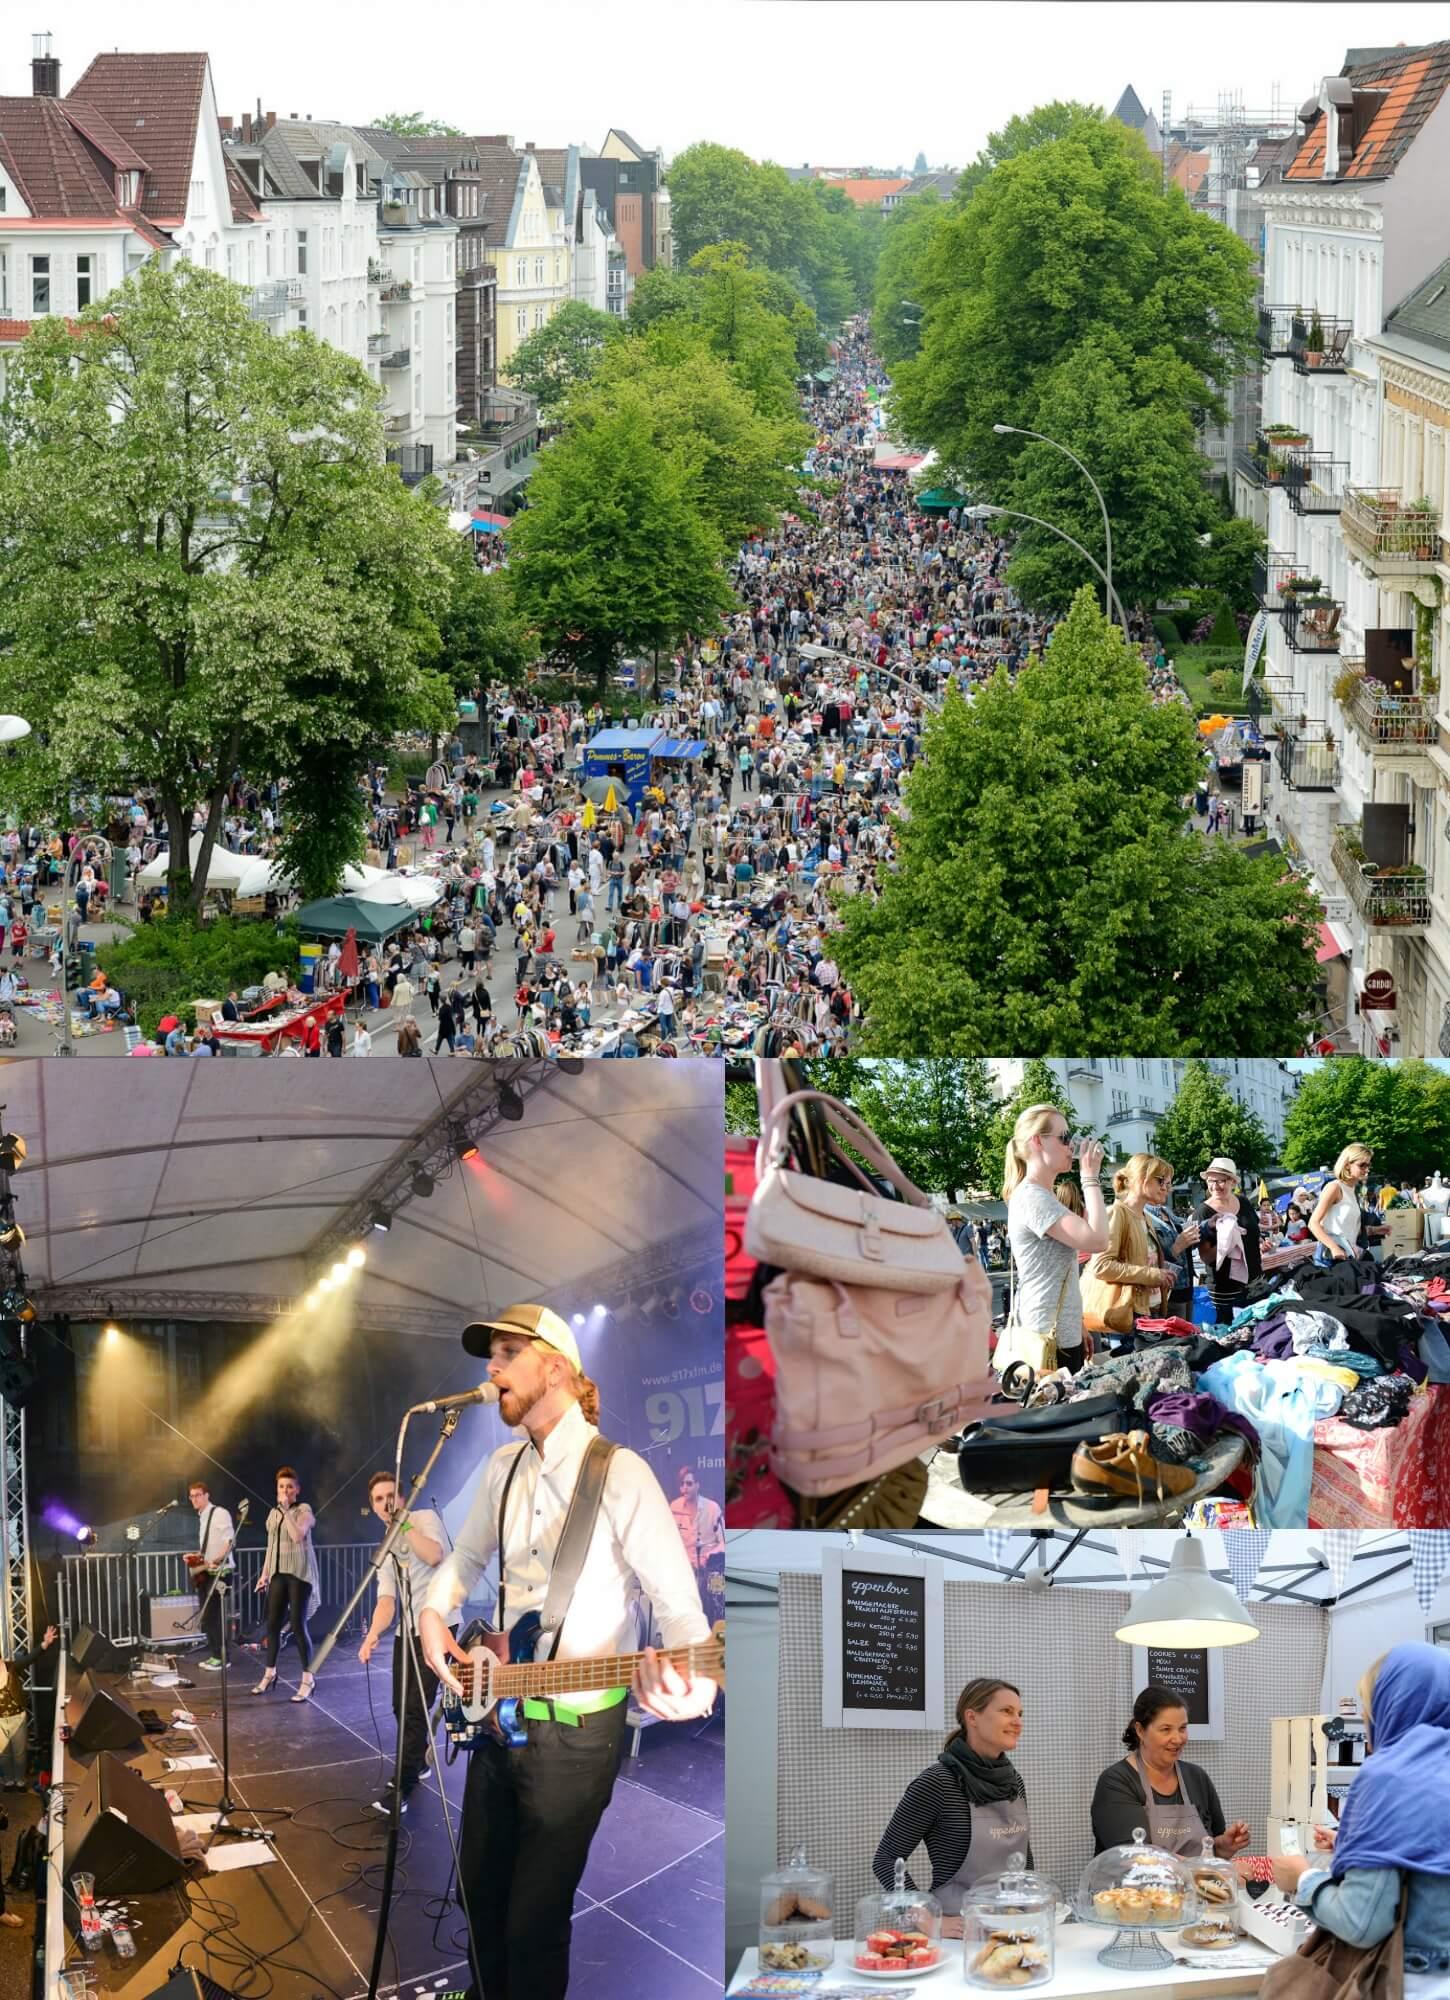 Das Eppendorfer Landstraßenfest hat einiges zu bieten! 2 Bühnen, einen riesigen Flohmarkt, viele Leckereien & das tolle Ambiente!